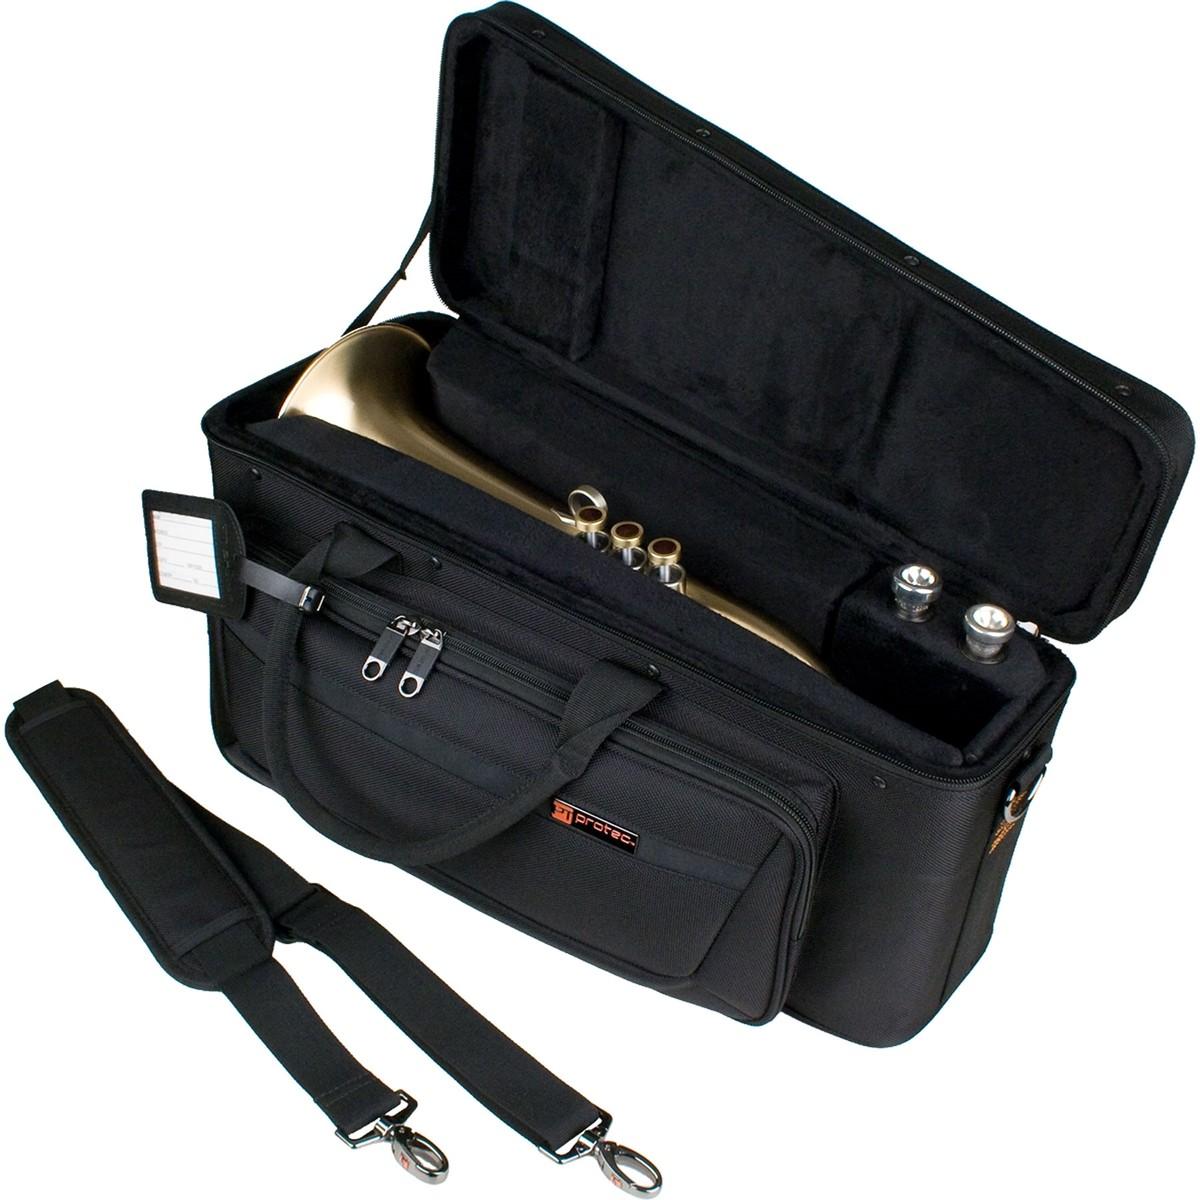 Protec Flugel PRO PAC Case (PB314)